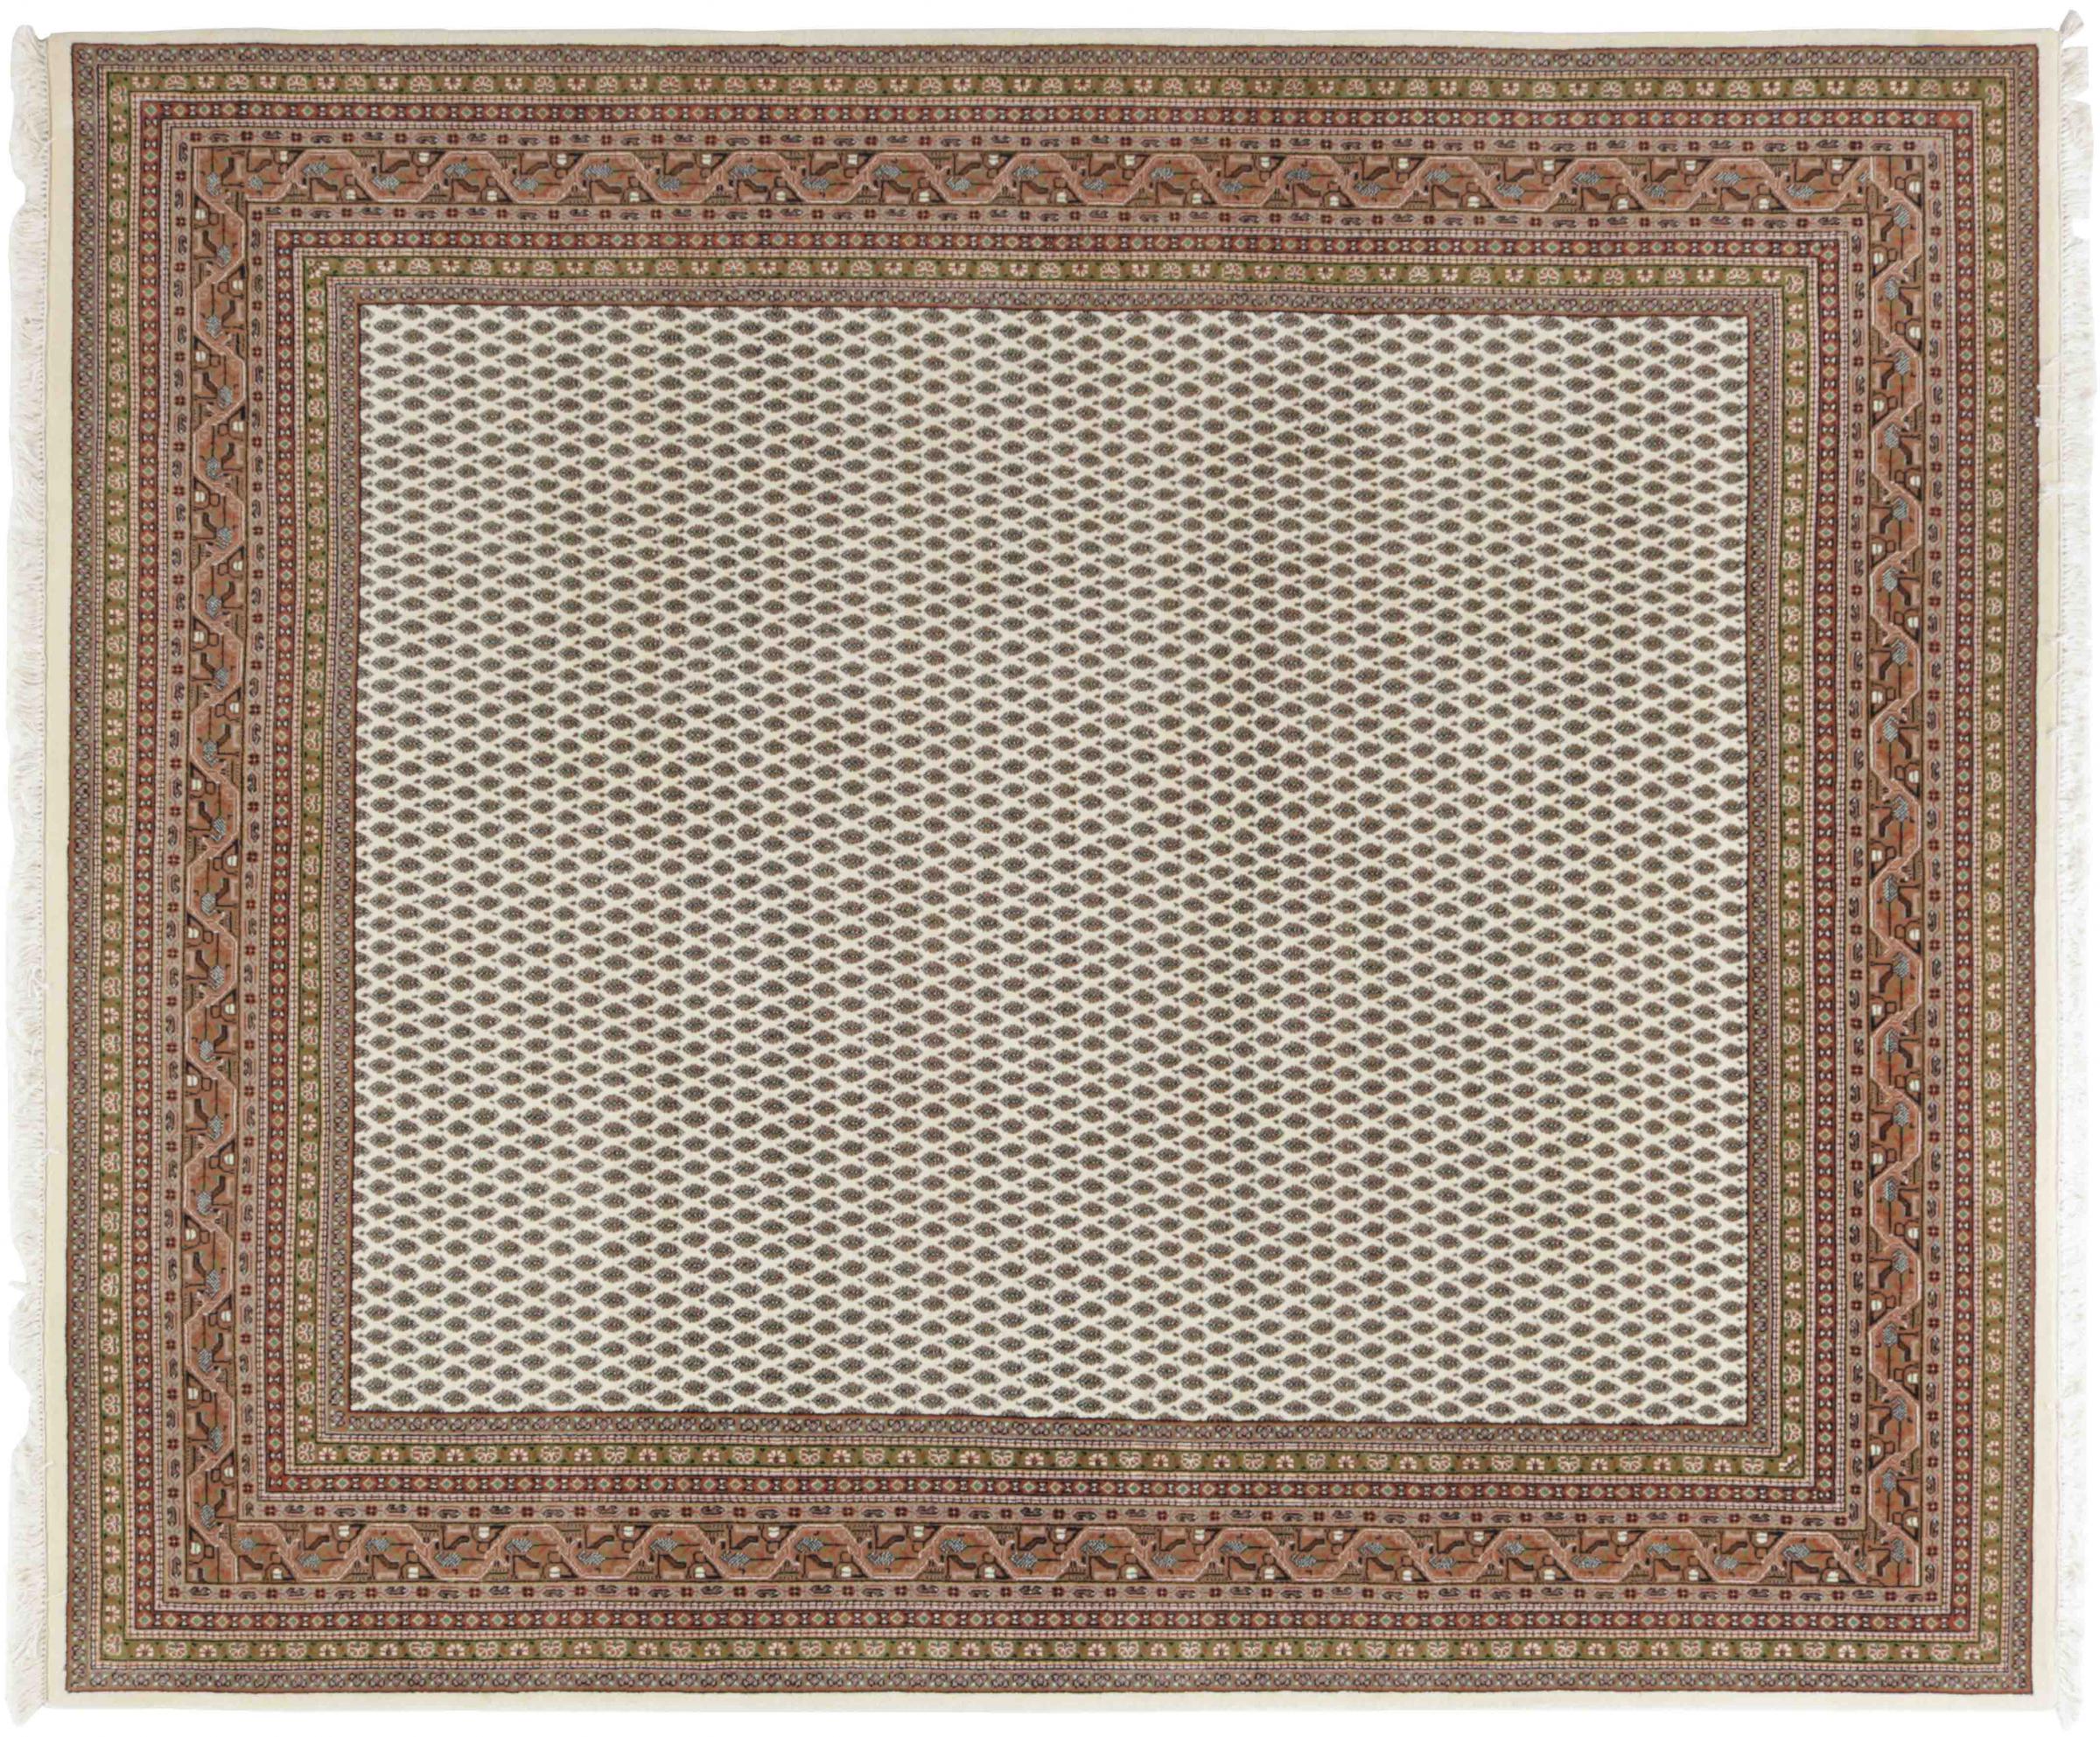 indo mir indischer teppich 299x256 id32704 kaufen sie ihren orientteppich indo mir 300x250 bei. Black Bedroom Furniture Sets. Home Design Ideas